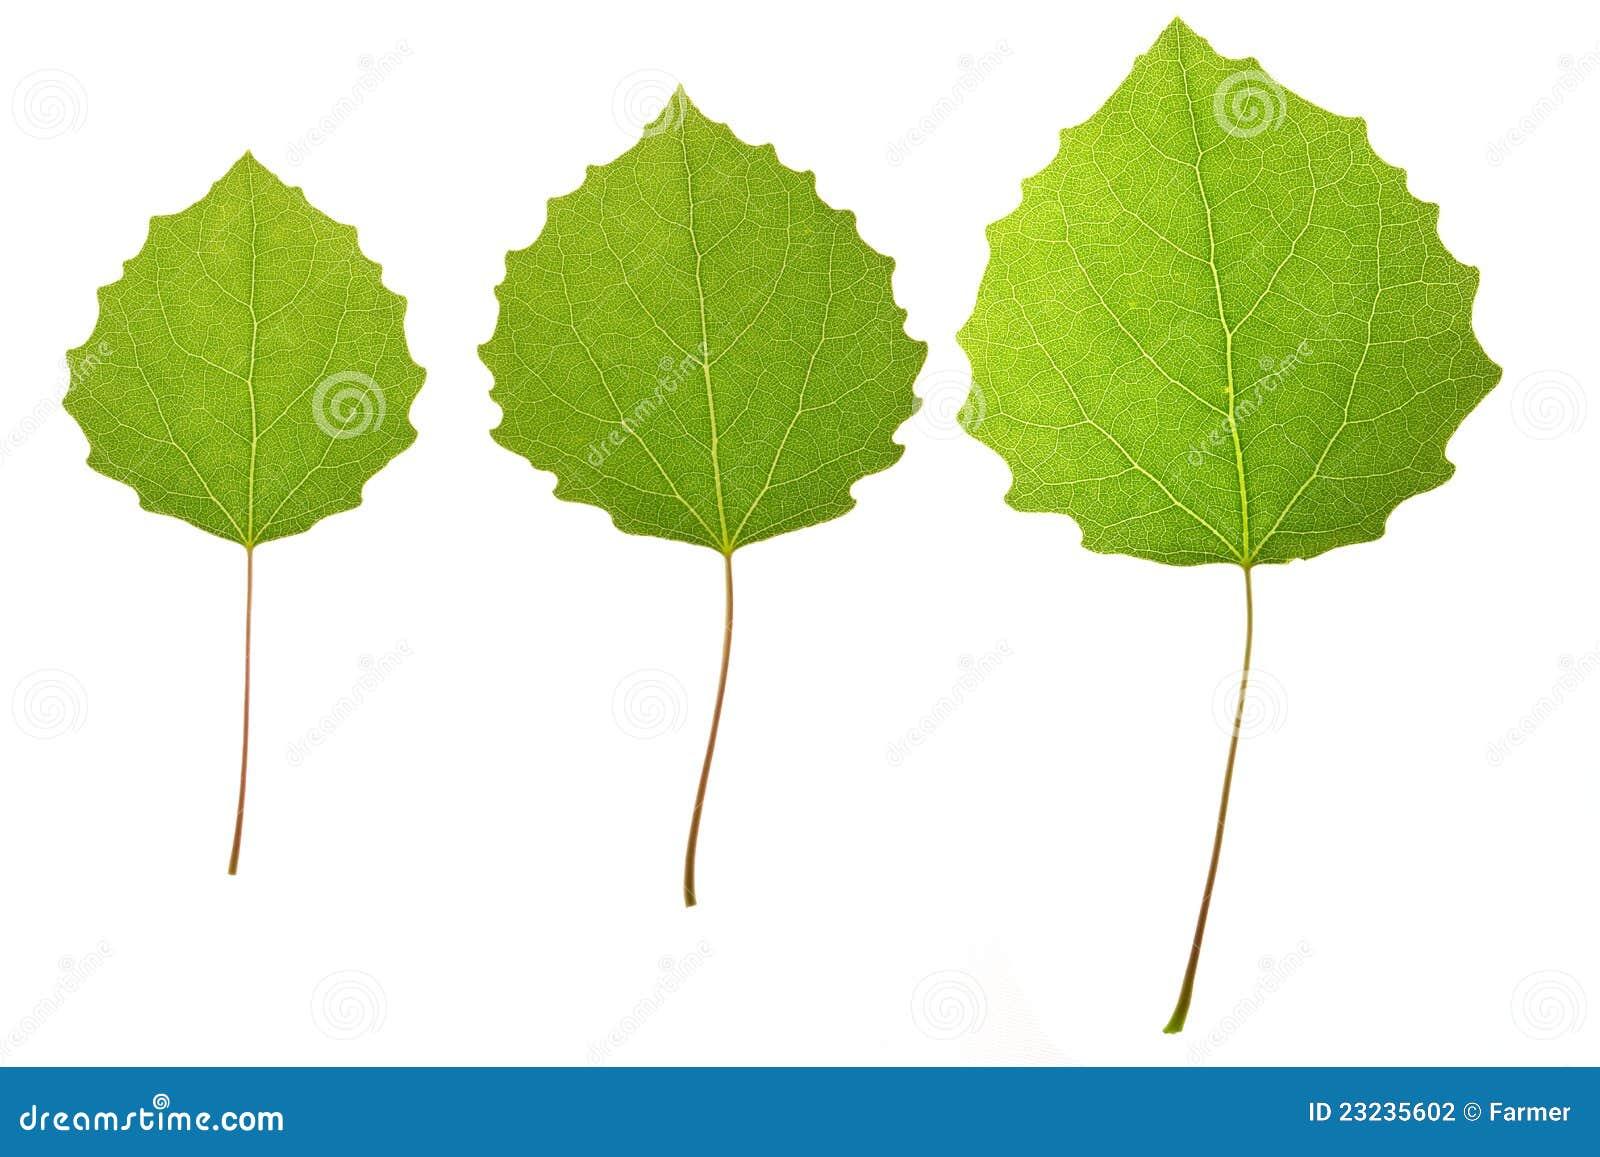 как выглядят листья осины фото